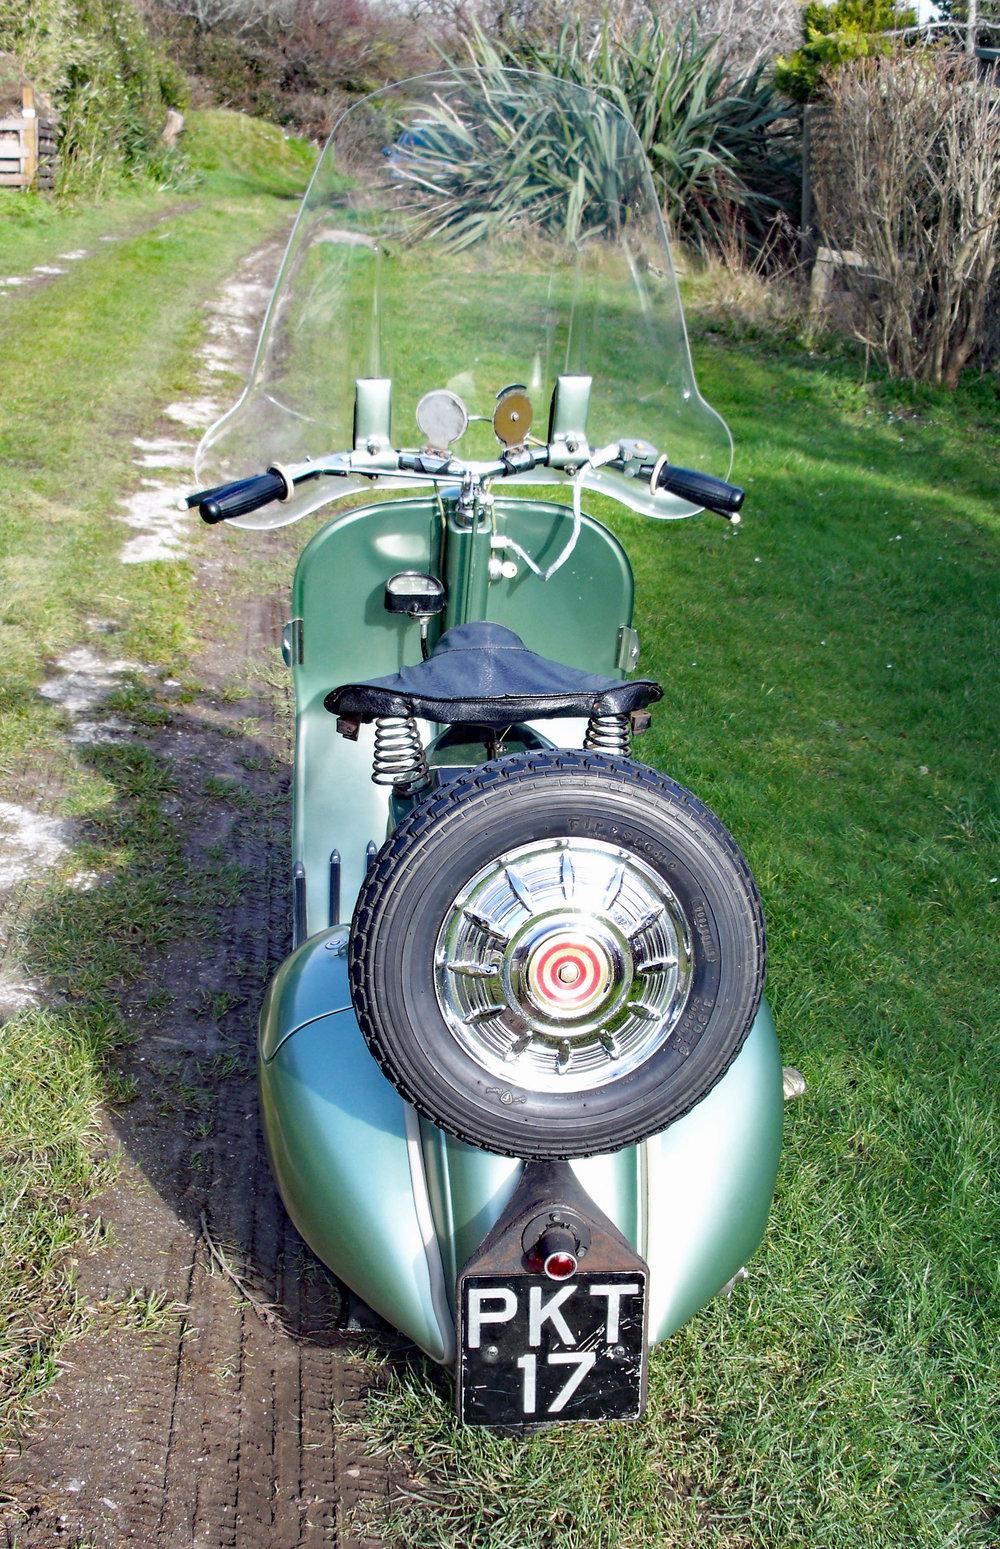 bikephotos1 004.JPG